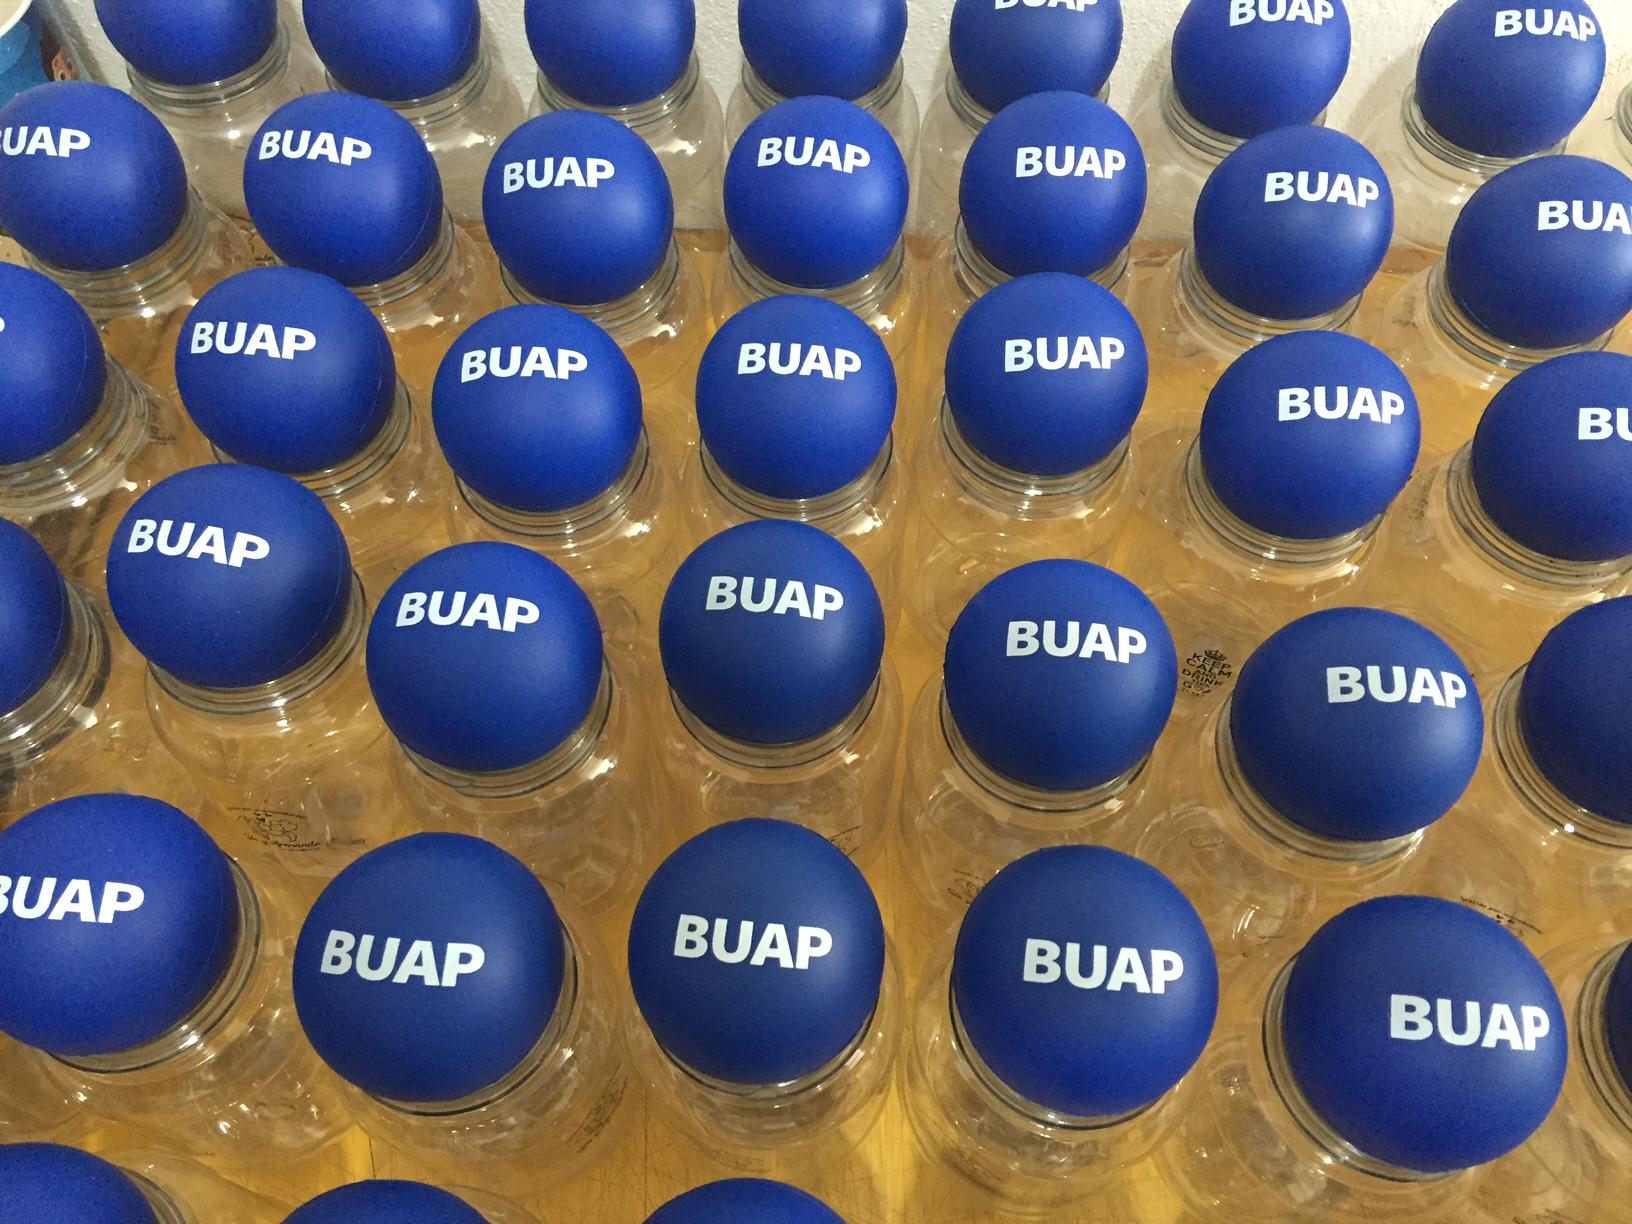 #BUAP #Pelota Antiestres #KW Publicidad Corporativa 3, Trabajos Recientes